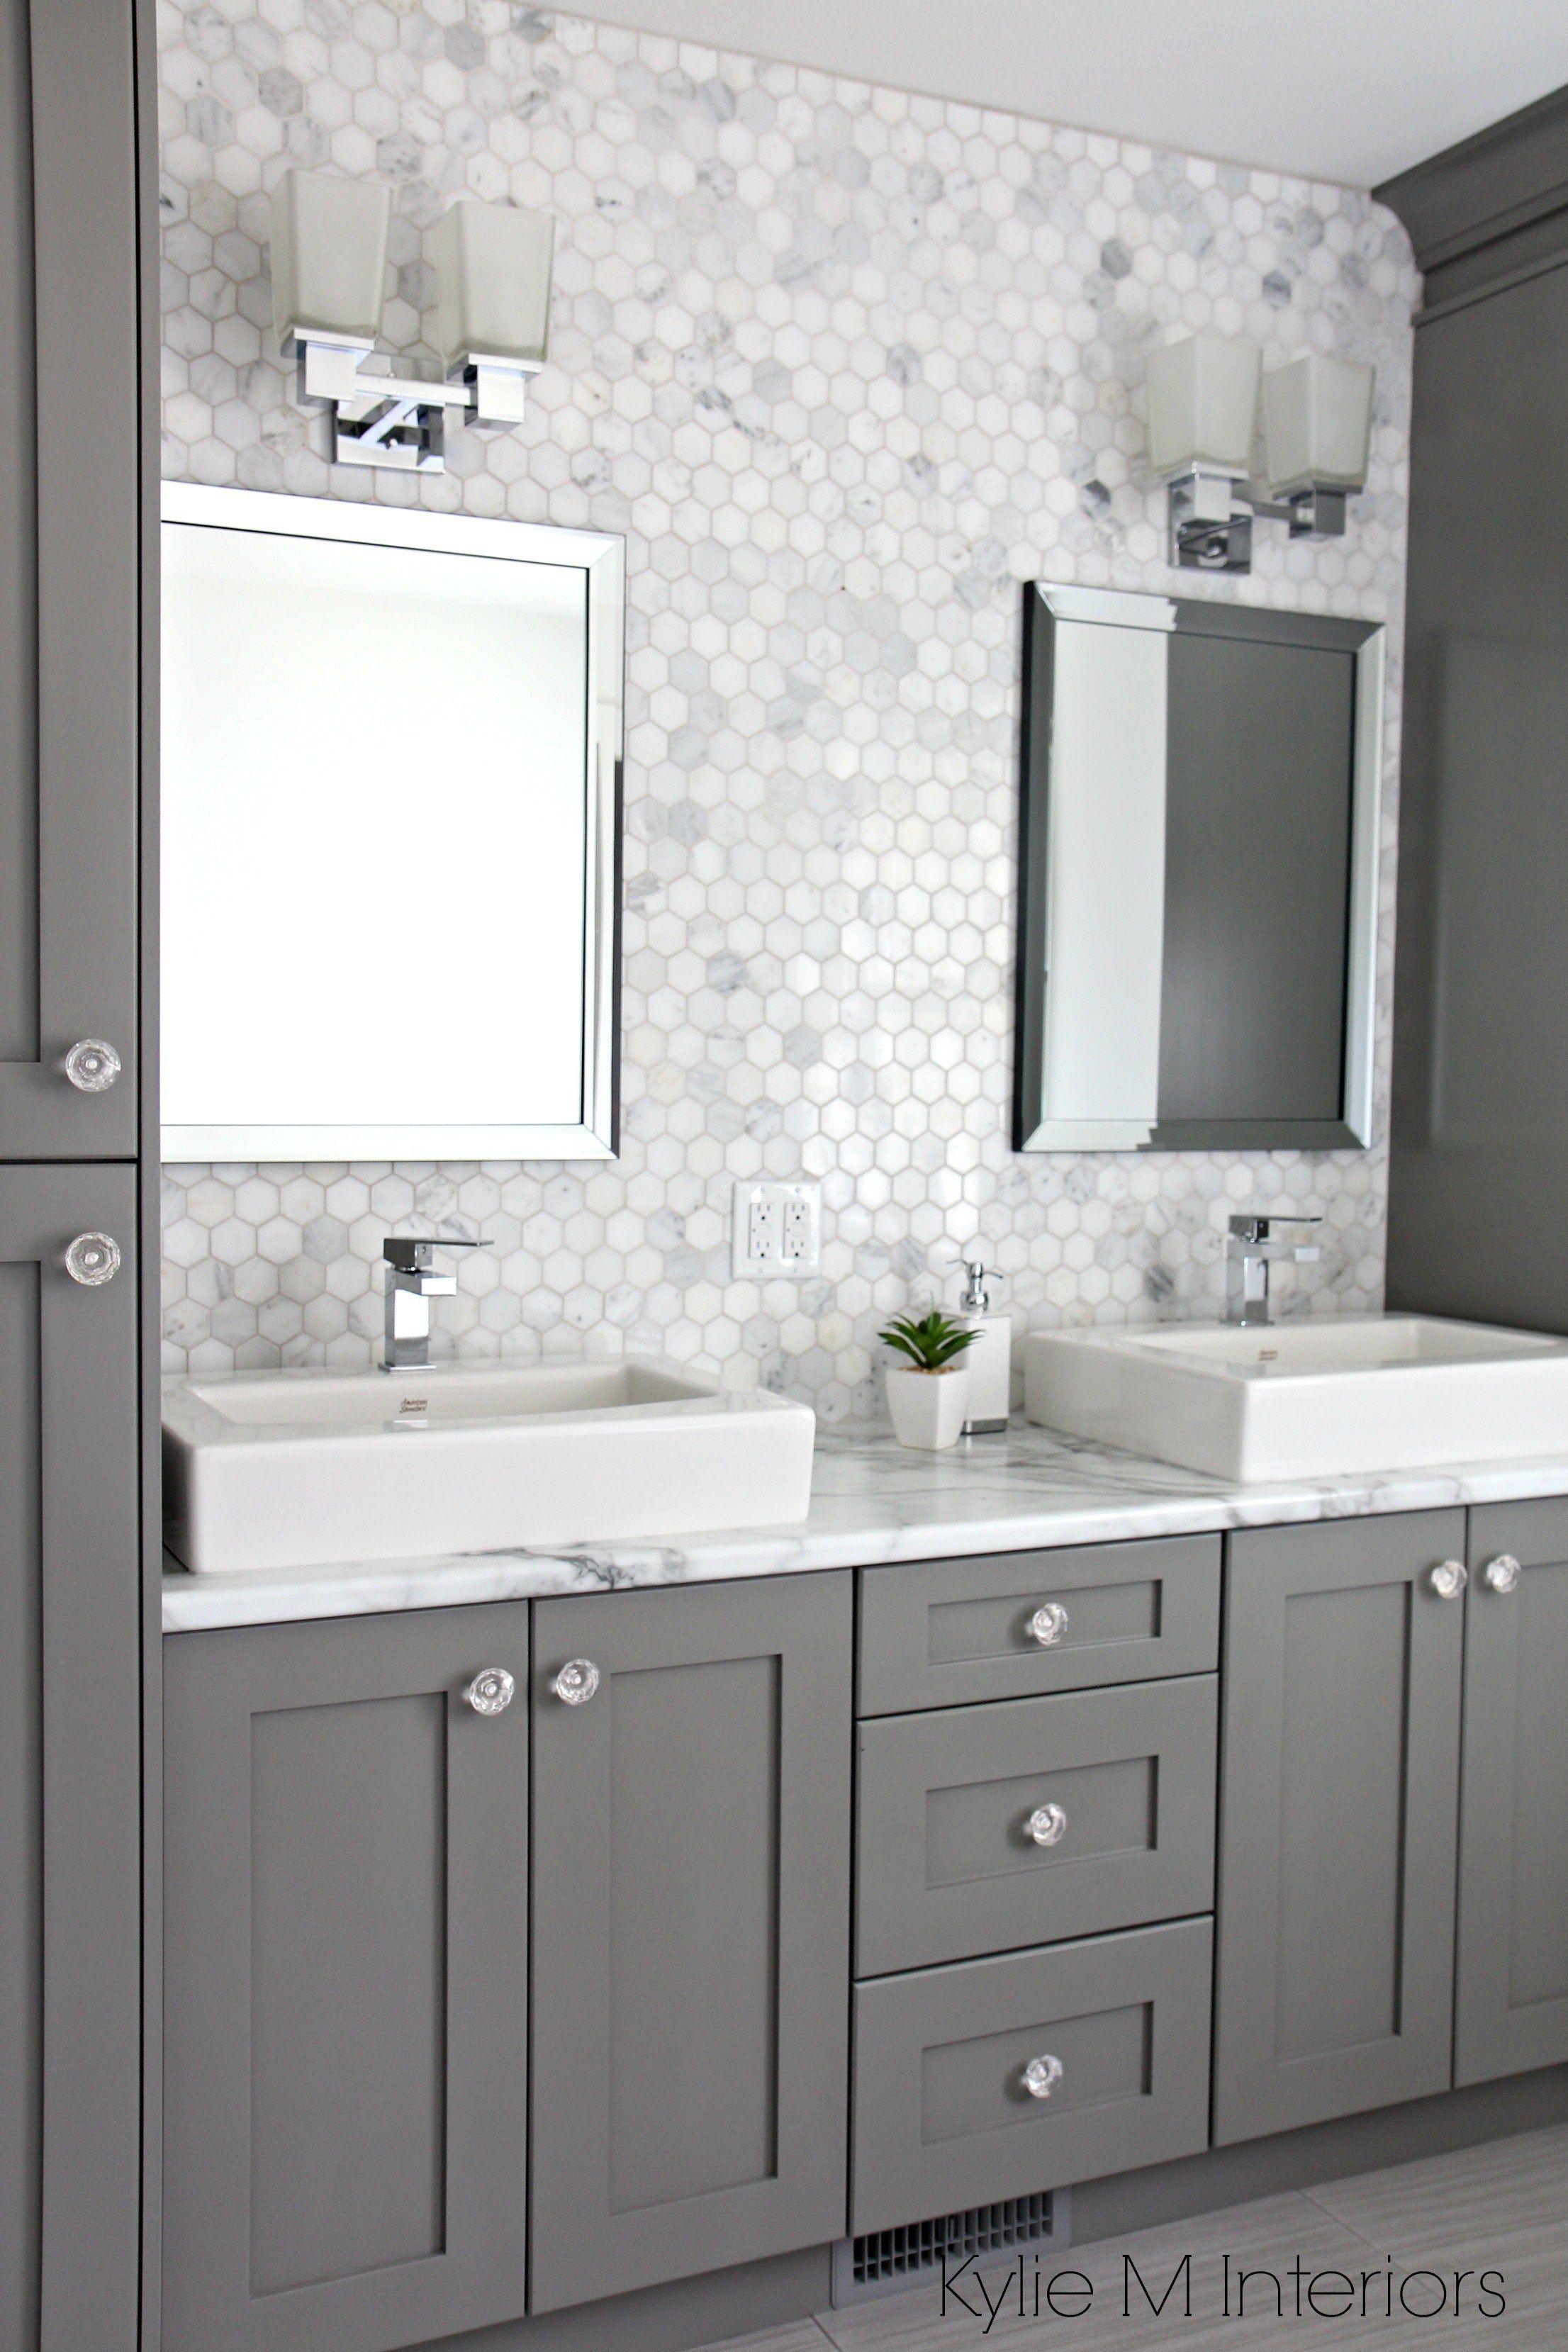 Entire wall tiles behind sinks. Marble backsplash in ...